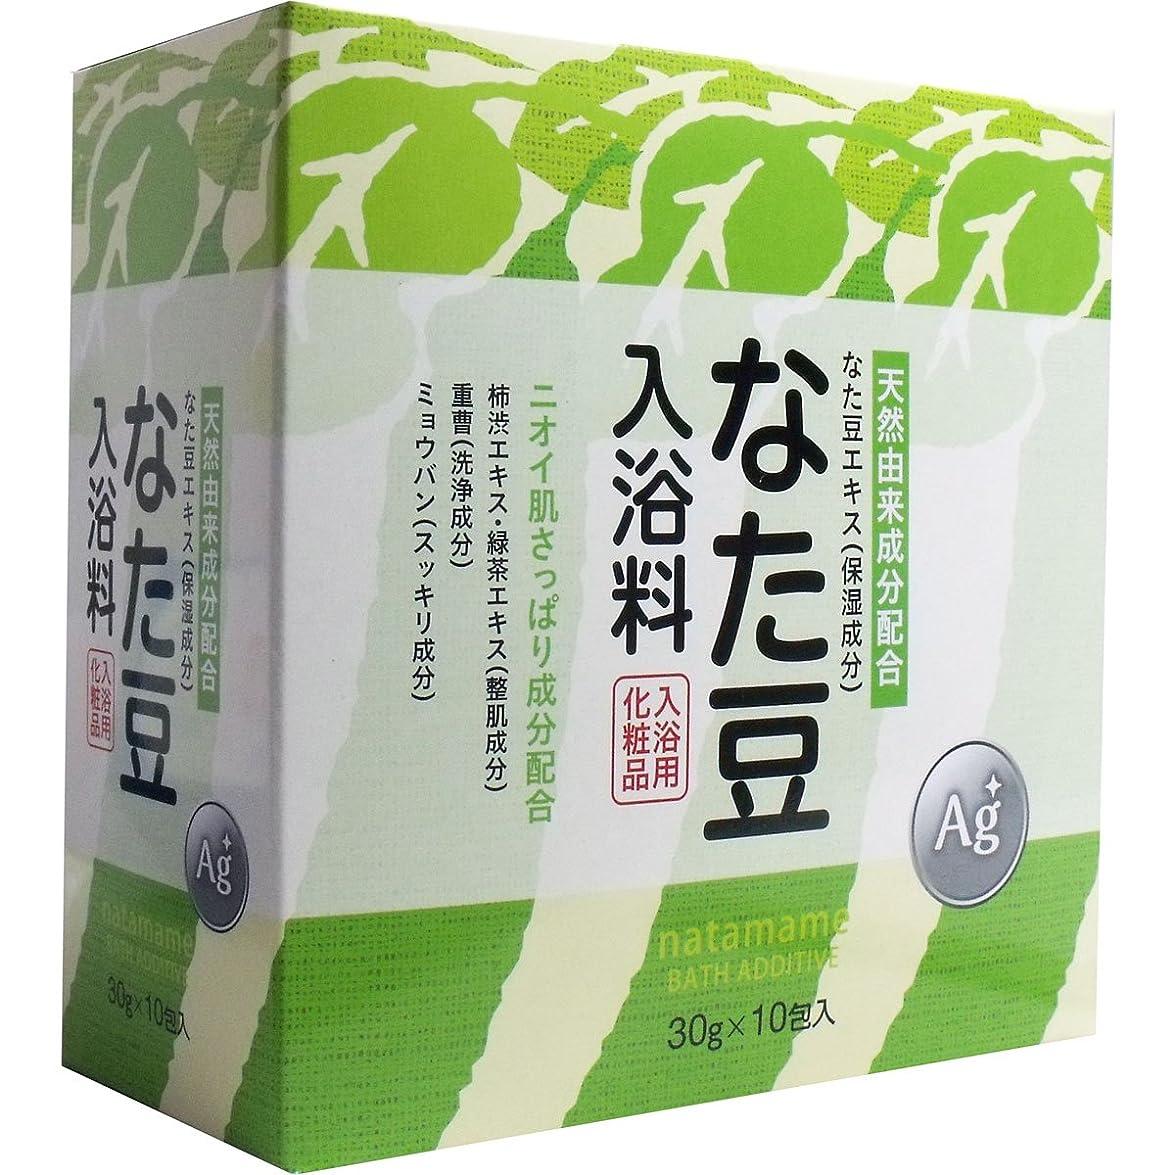 のみ成分最大天然由来成分配合 なた豆入浴料 入浴用化粧品 30g×10包入